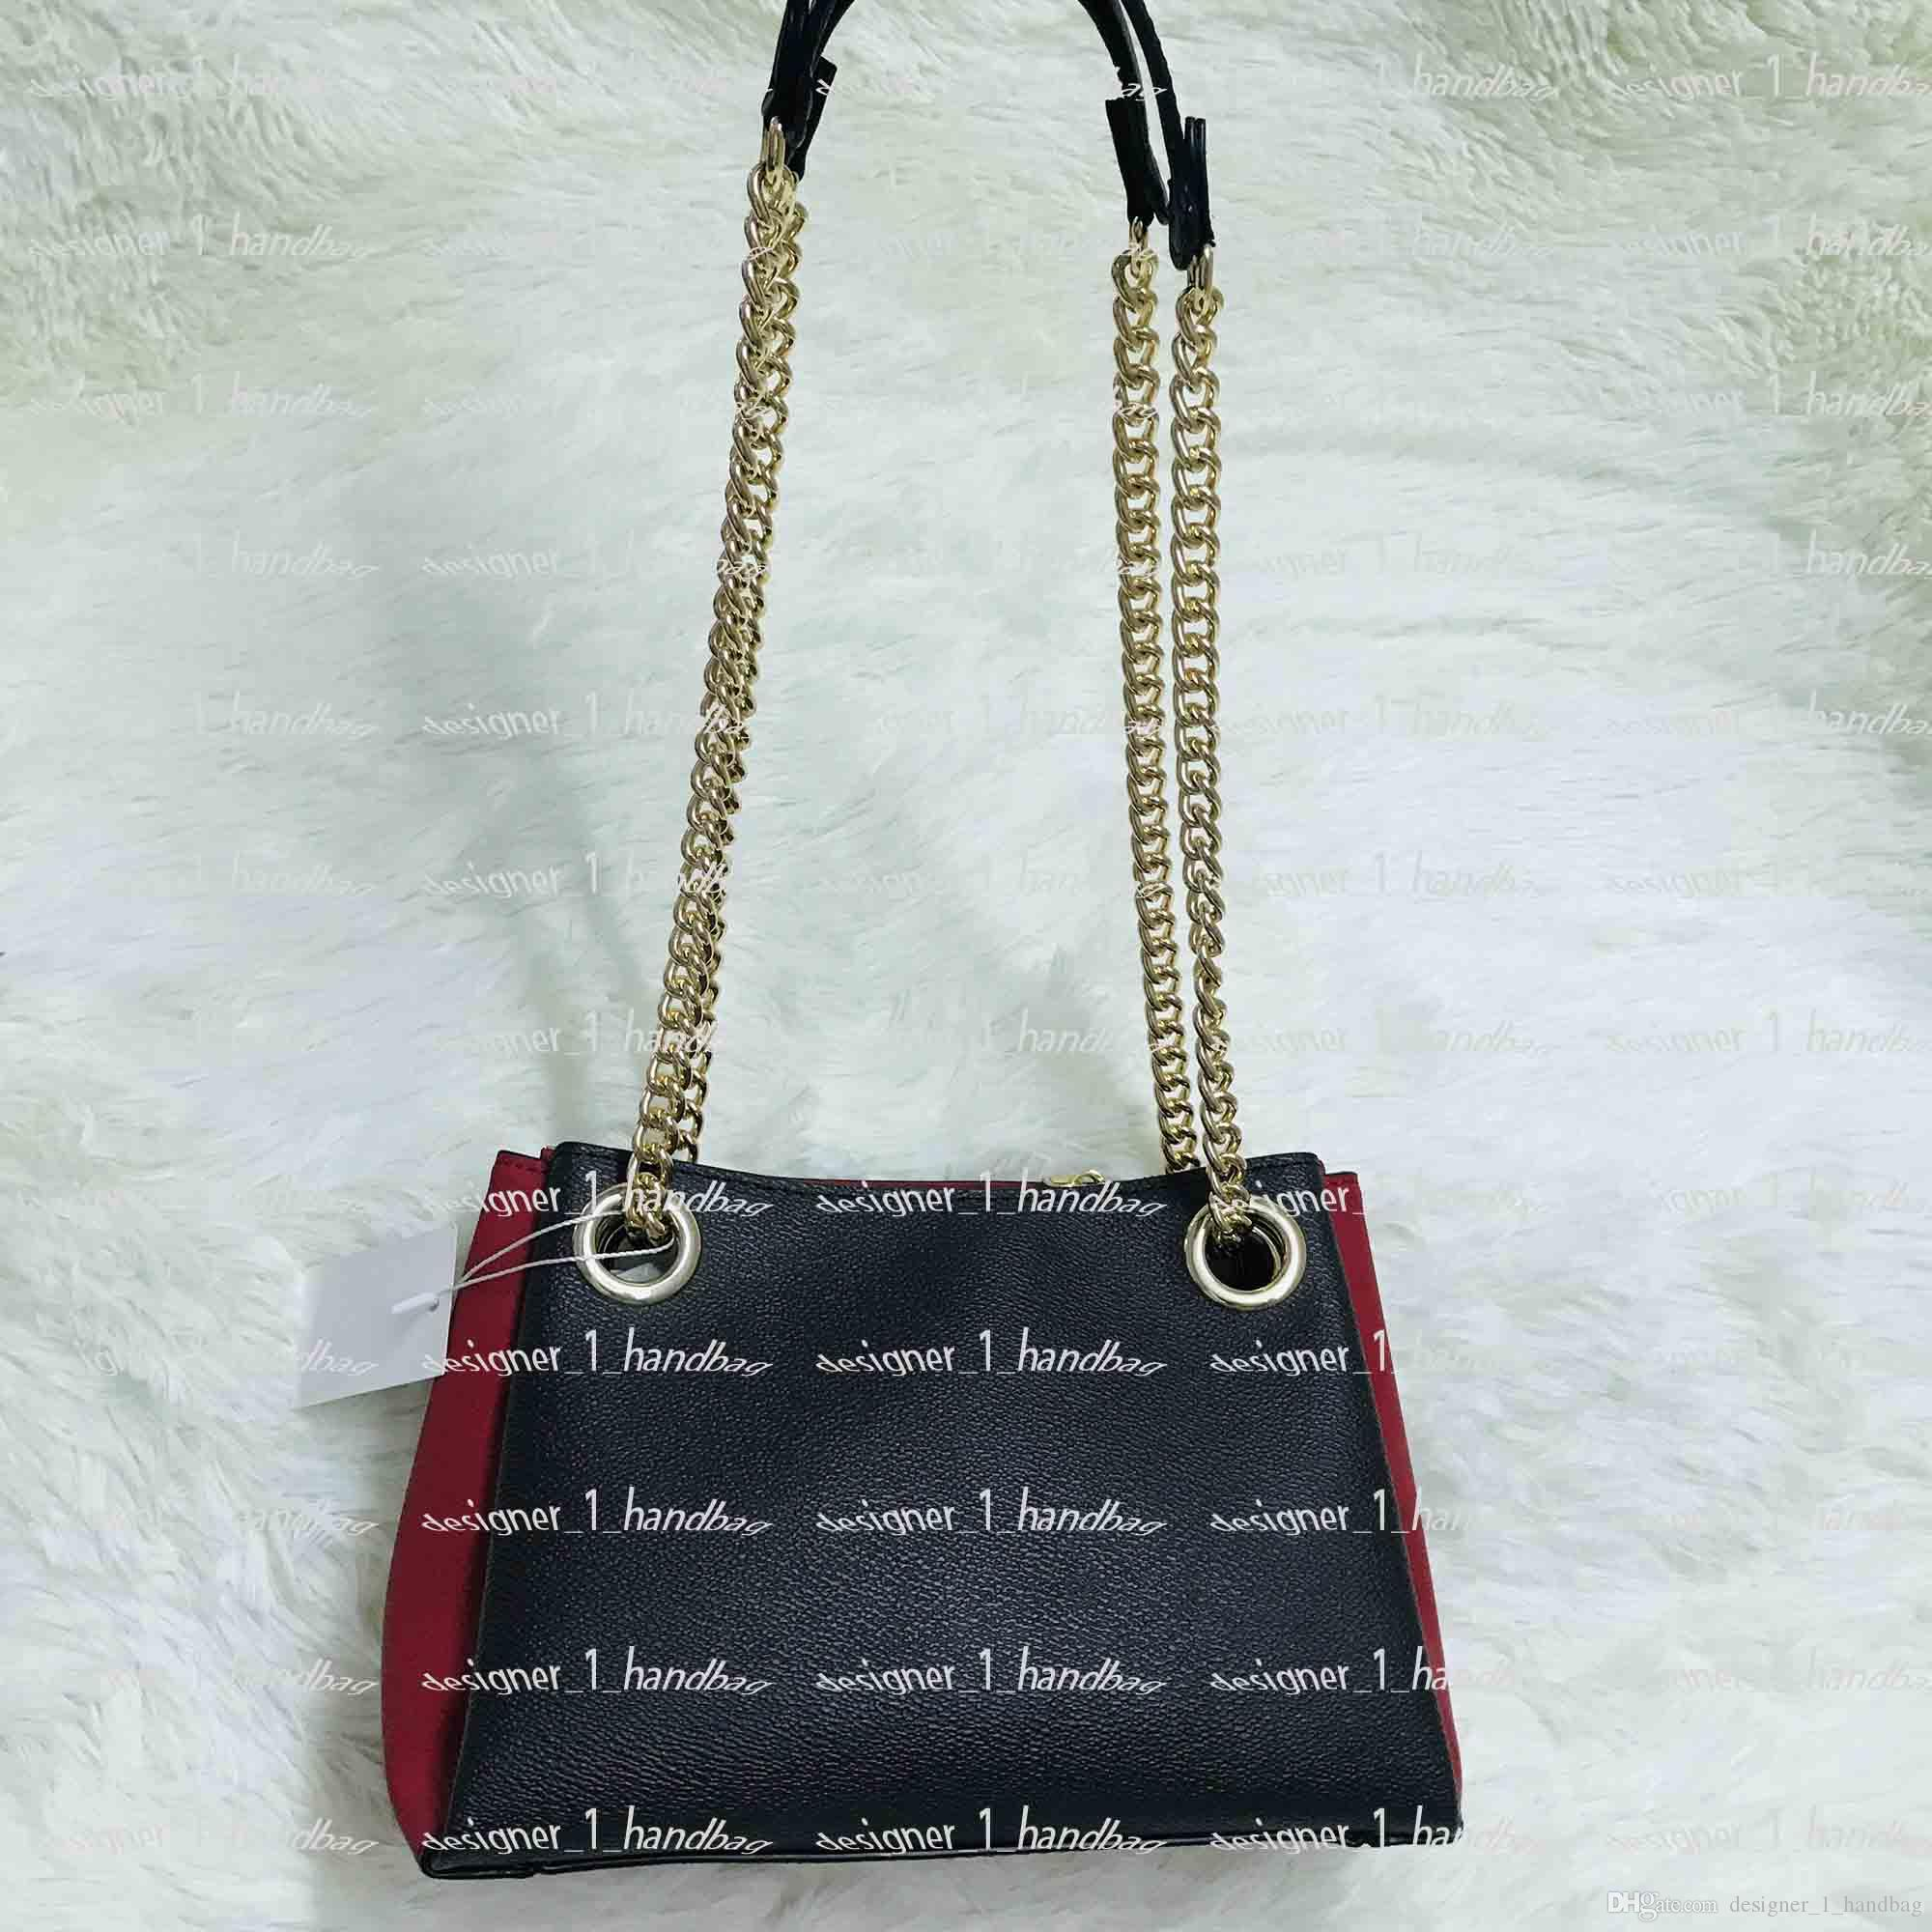 الكلاسيكية إلكتروني زهرة تصميم عنصر حقيبة يد الأزياء خياطة حقيبة الكتف مع مربع الحلي المعدنية الذهبي مع كالفسكين